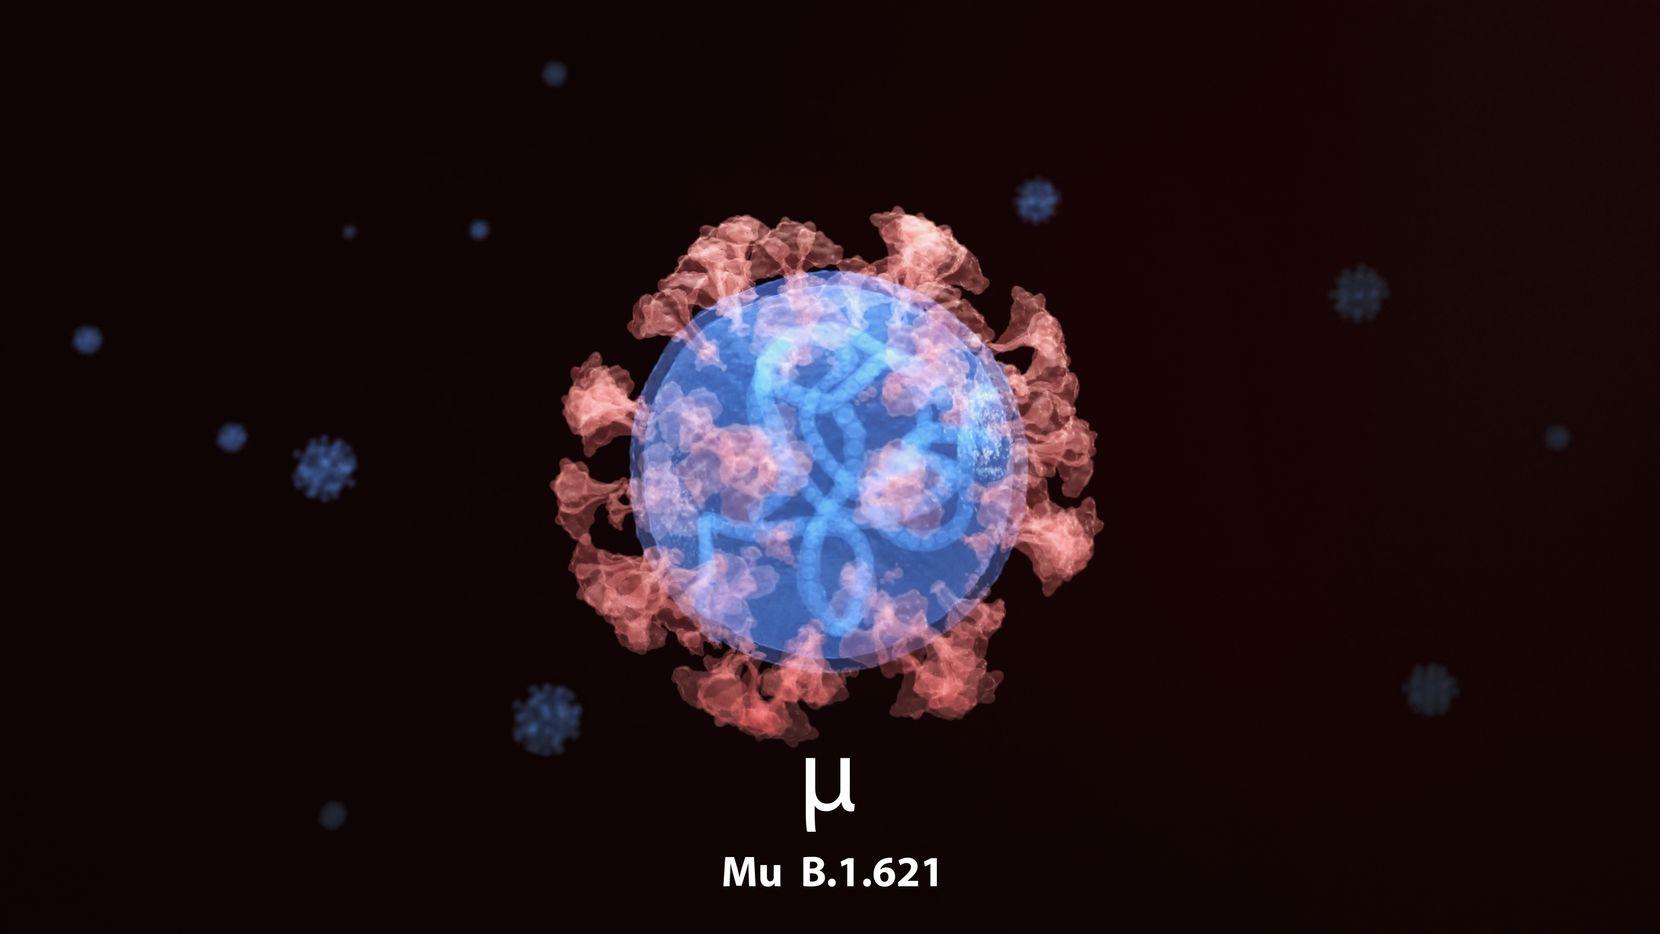 La variante mu (μ) o B.1.621, de coronavirus, ha sido detectada en el área de Dallas. ¿Qué hay que saber de ella?